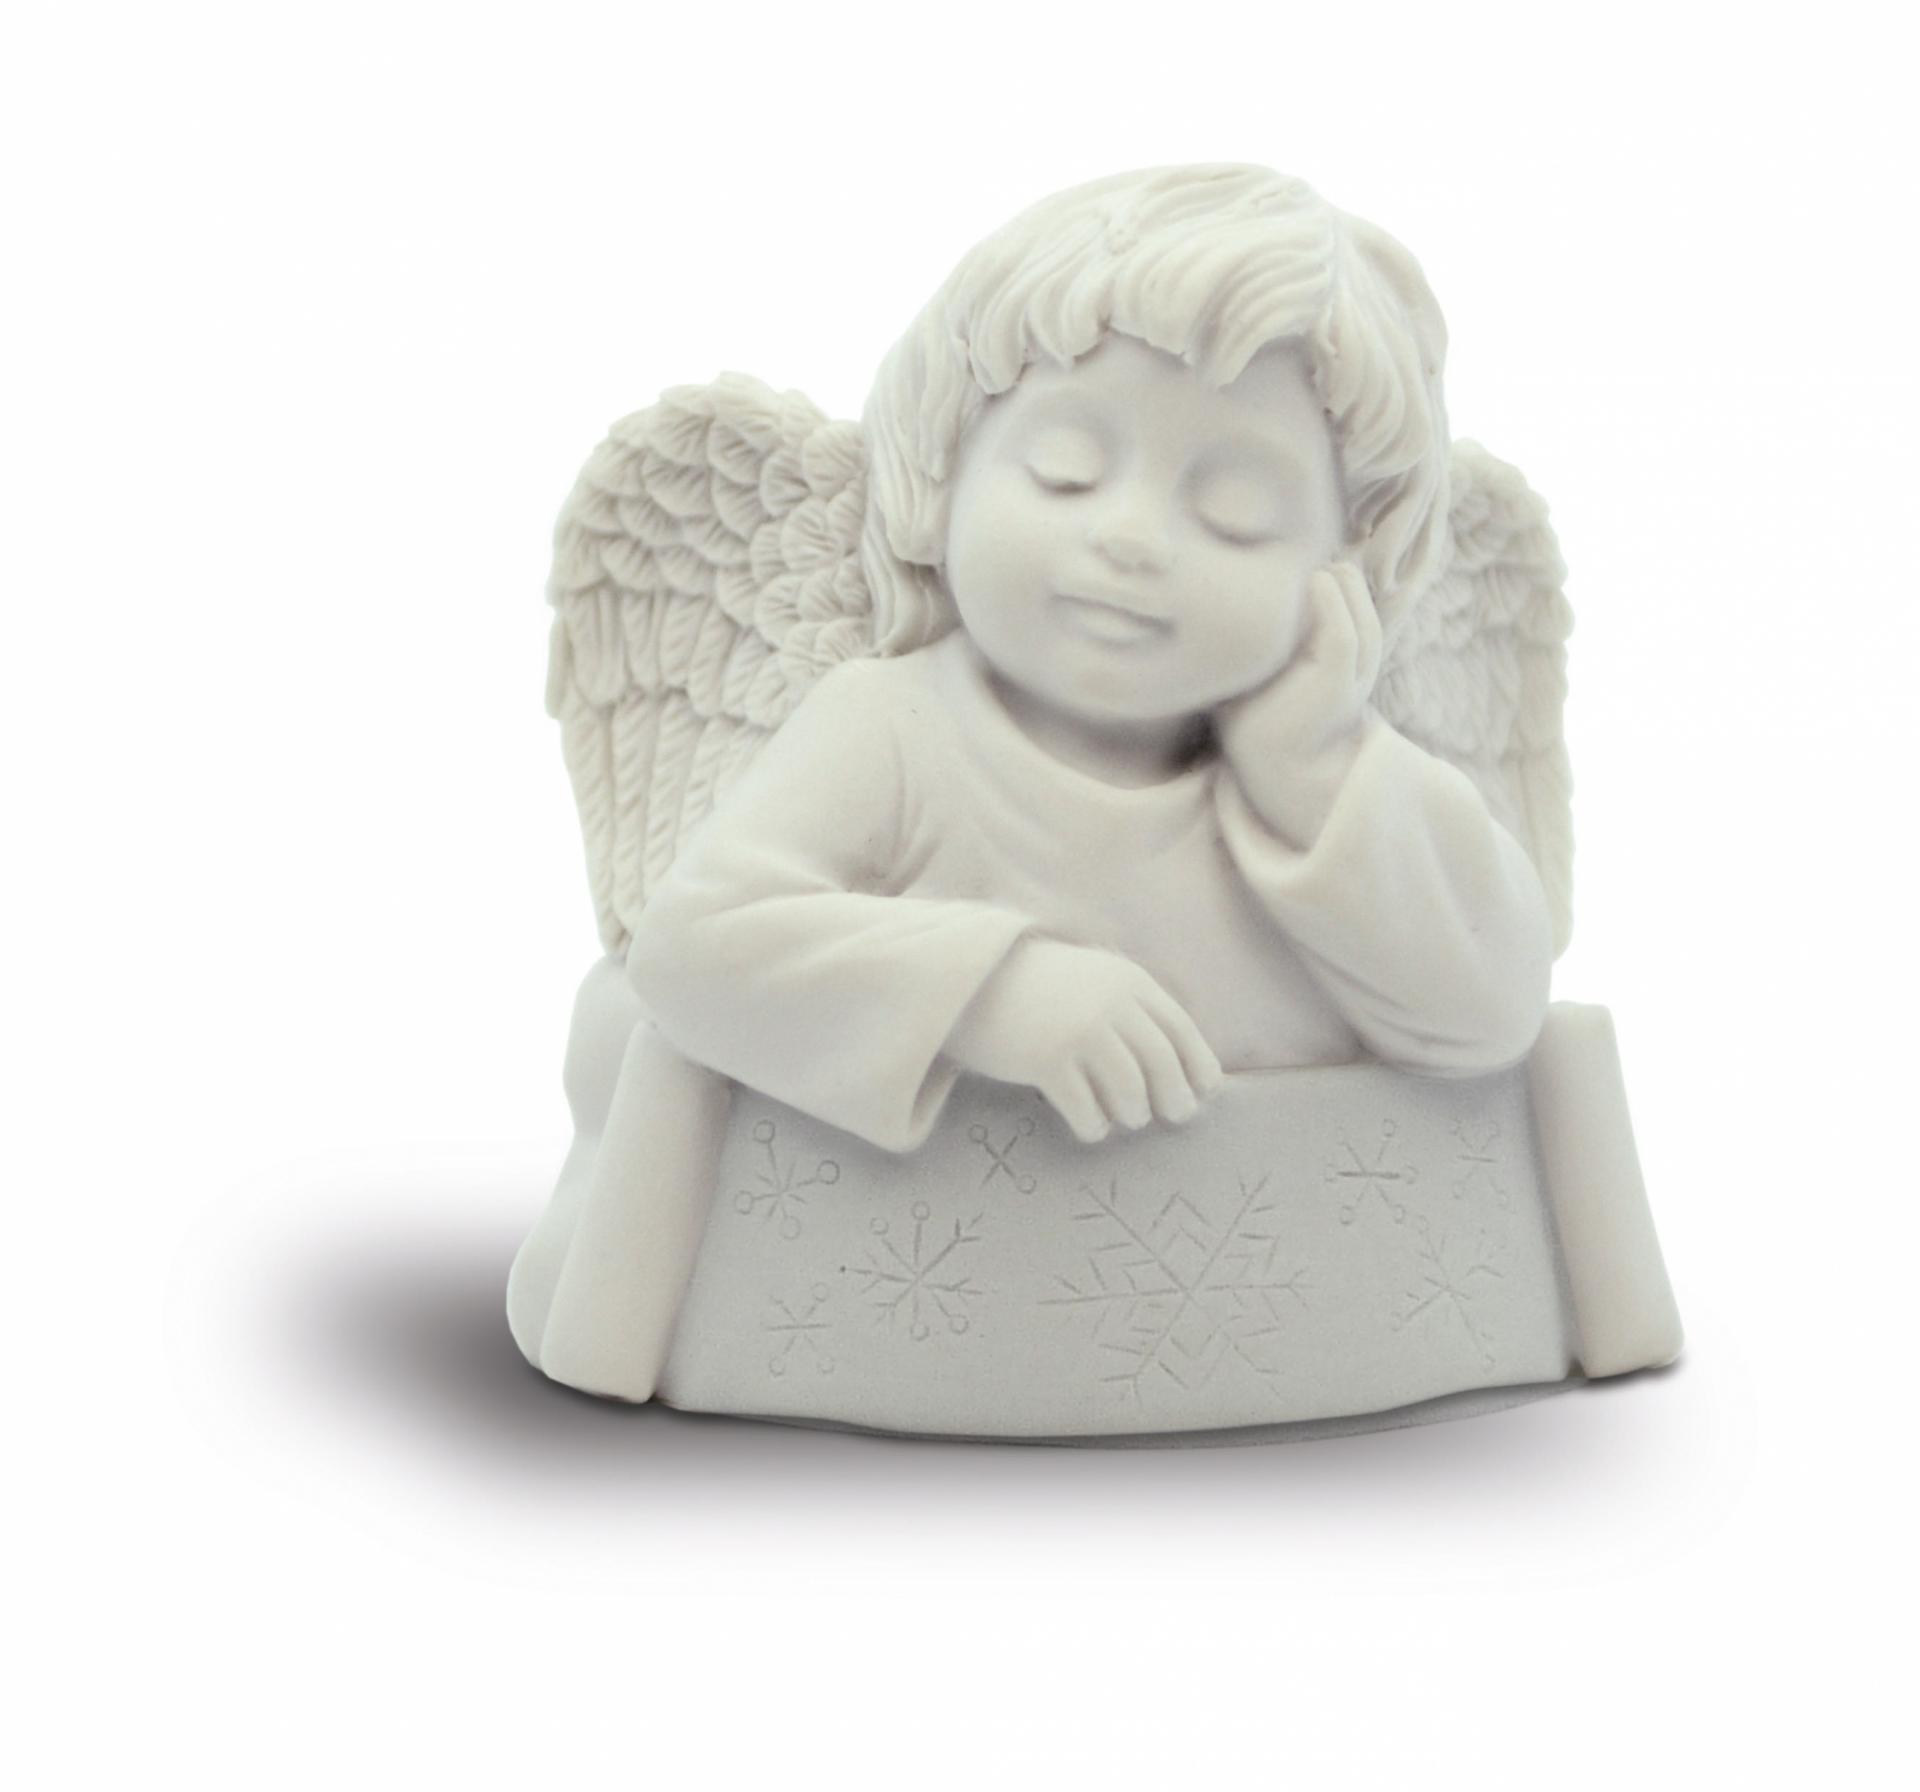 angel-pensativo-apoyado-pergamino-resina-blanco-nadal-studio-736935-00-lomejorsg.jpg